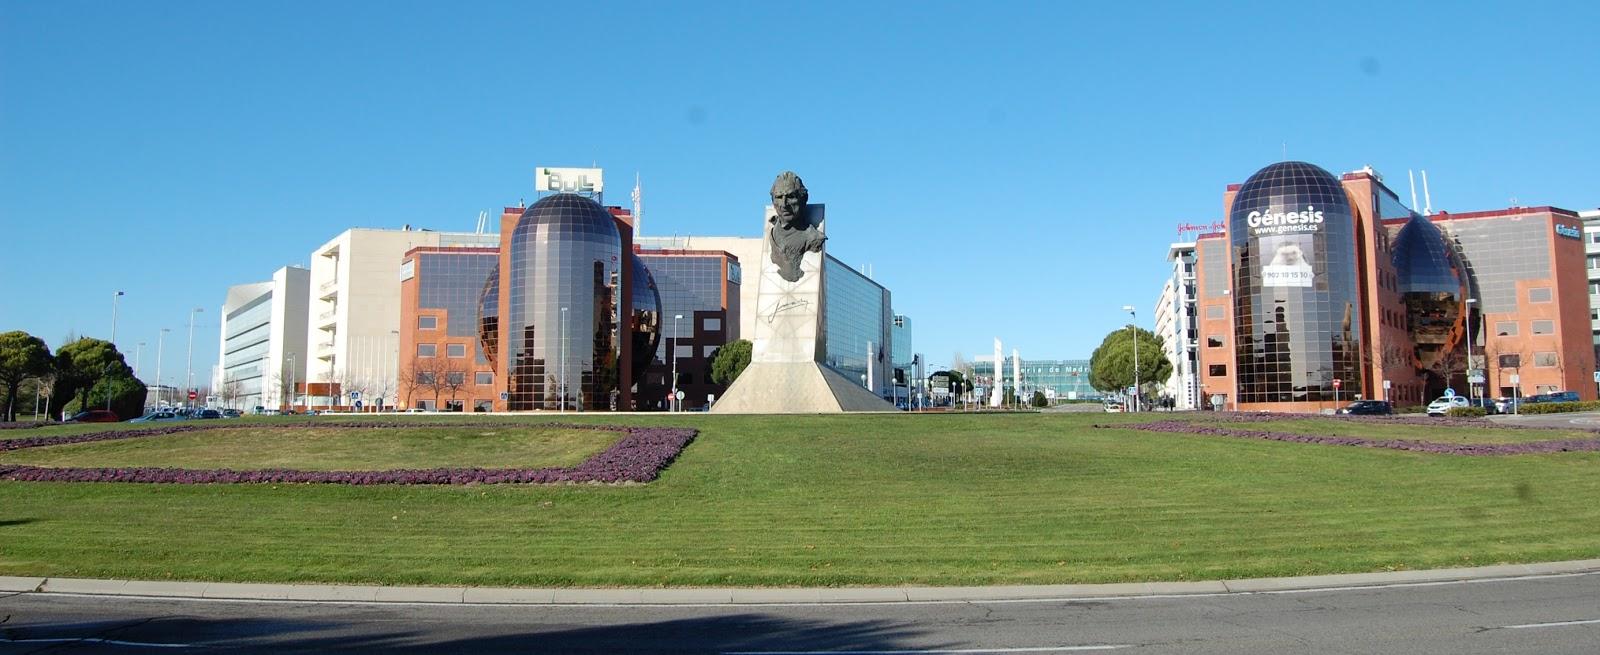 Blog Go Tandem - Monumento a Don Juan - Víctor Ochoa